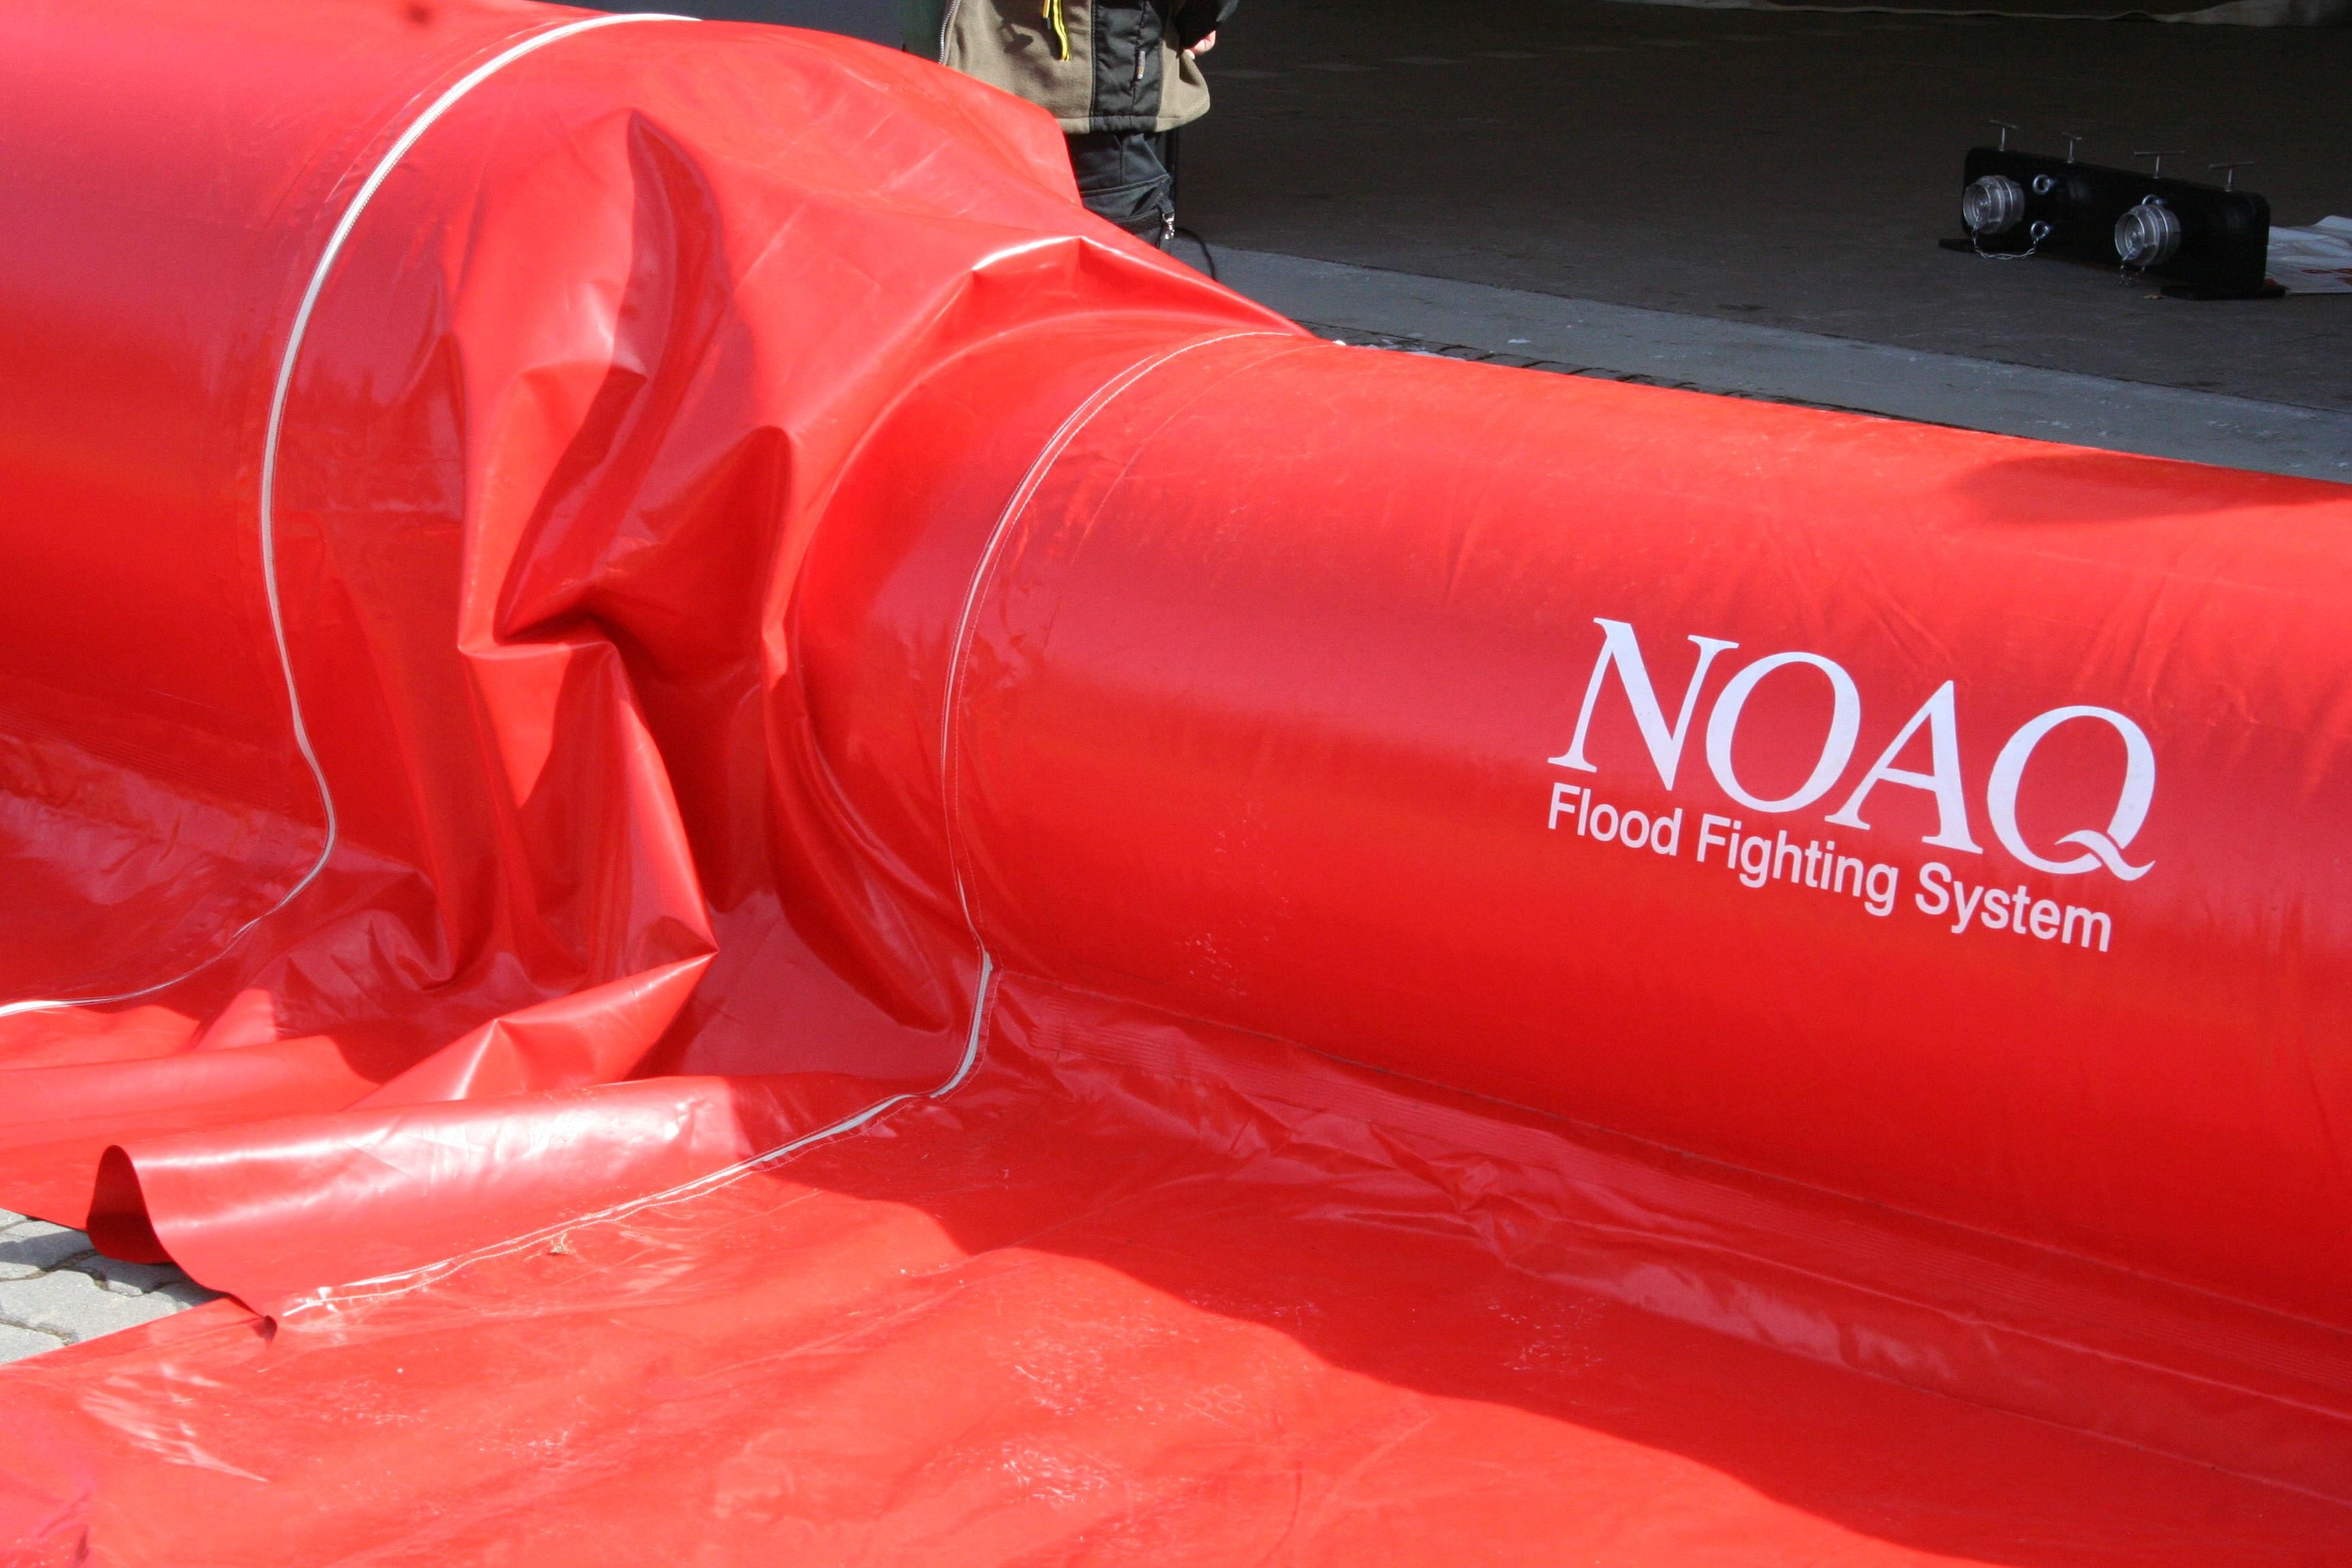 Hochwasserschutz, Luftgefüllt